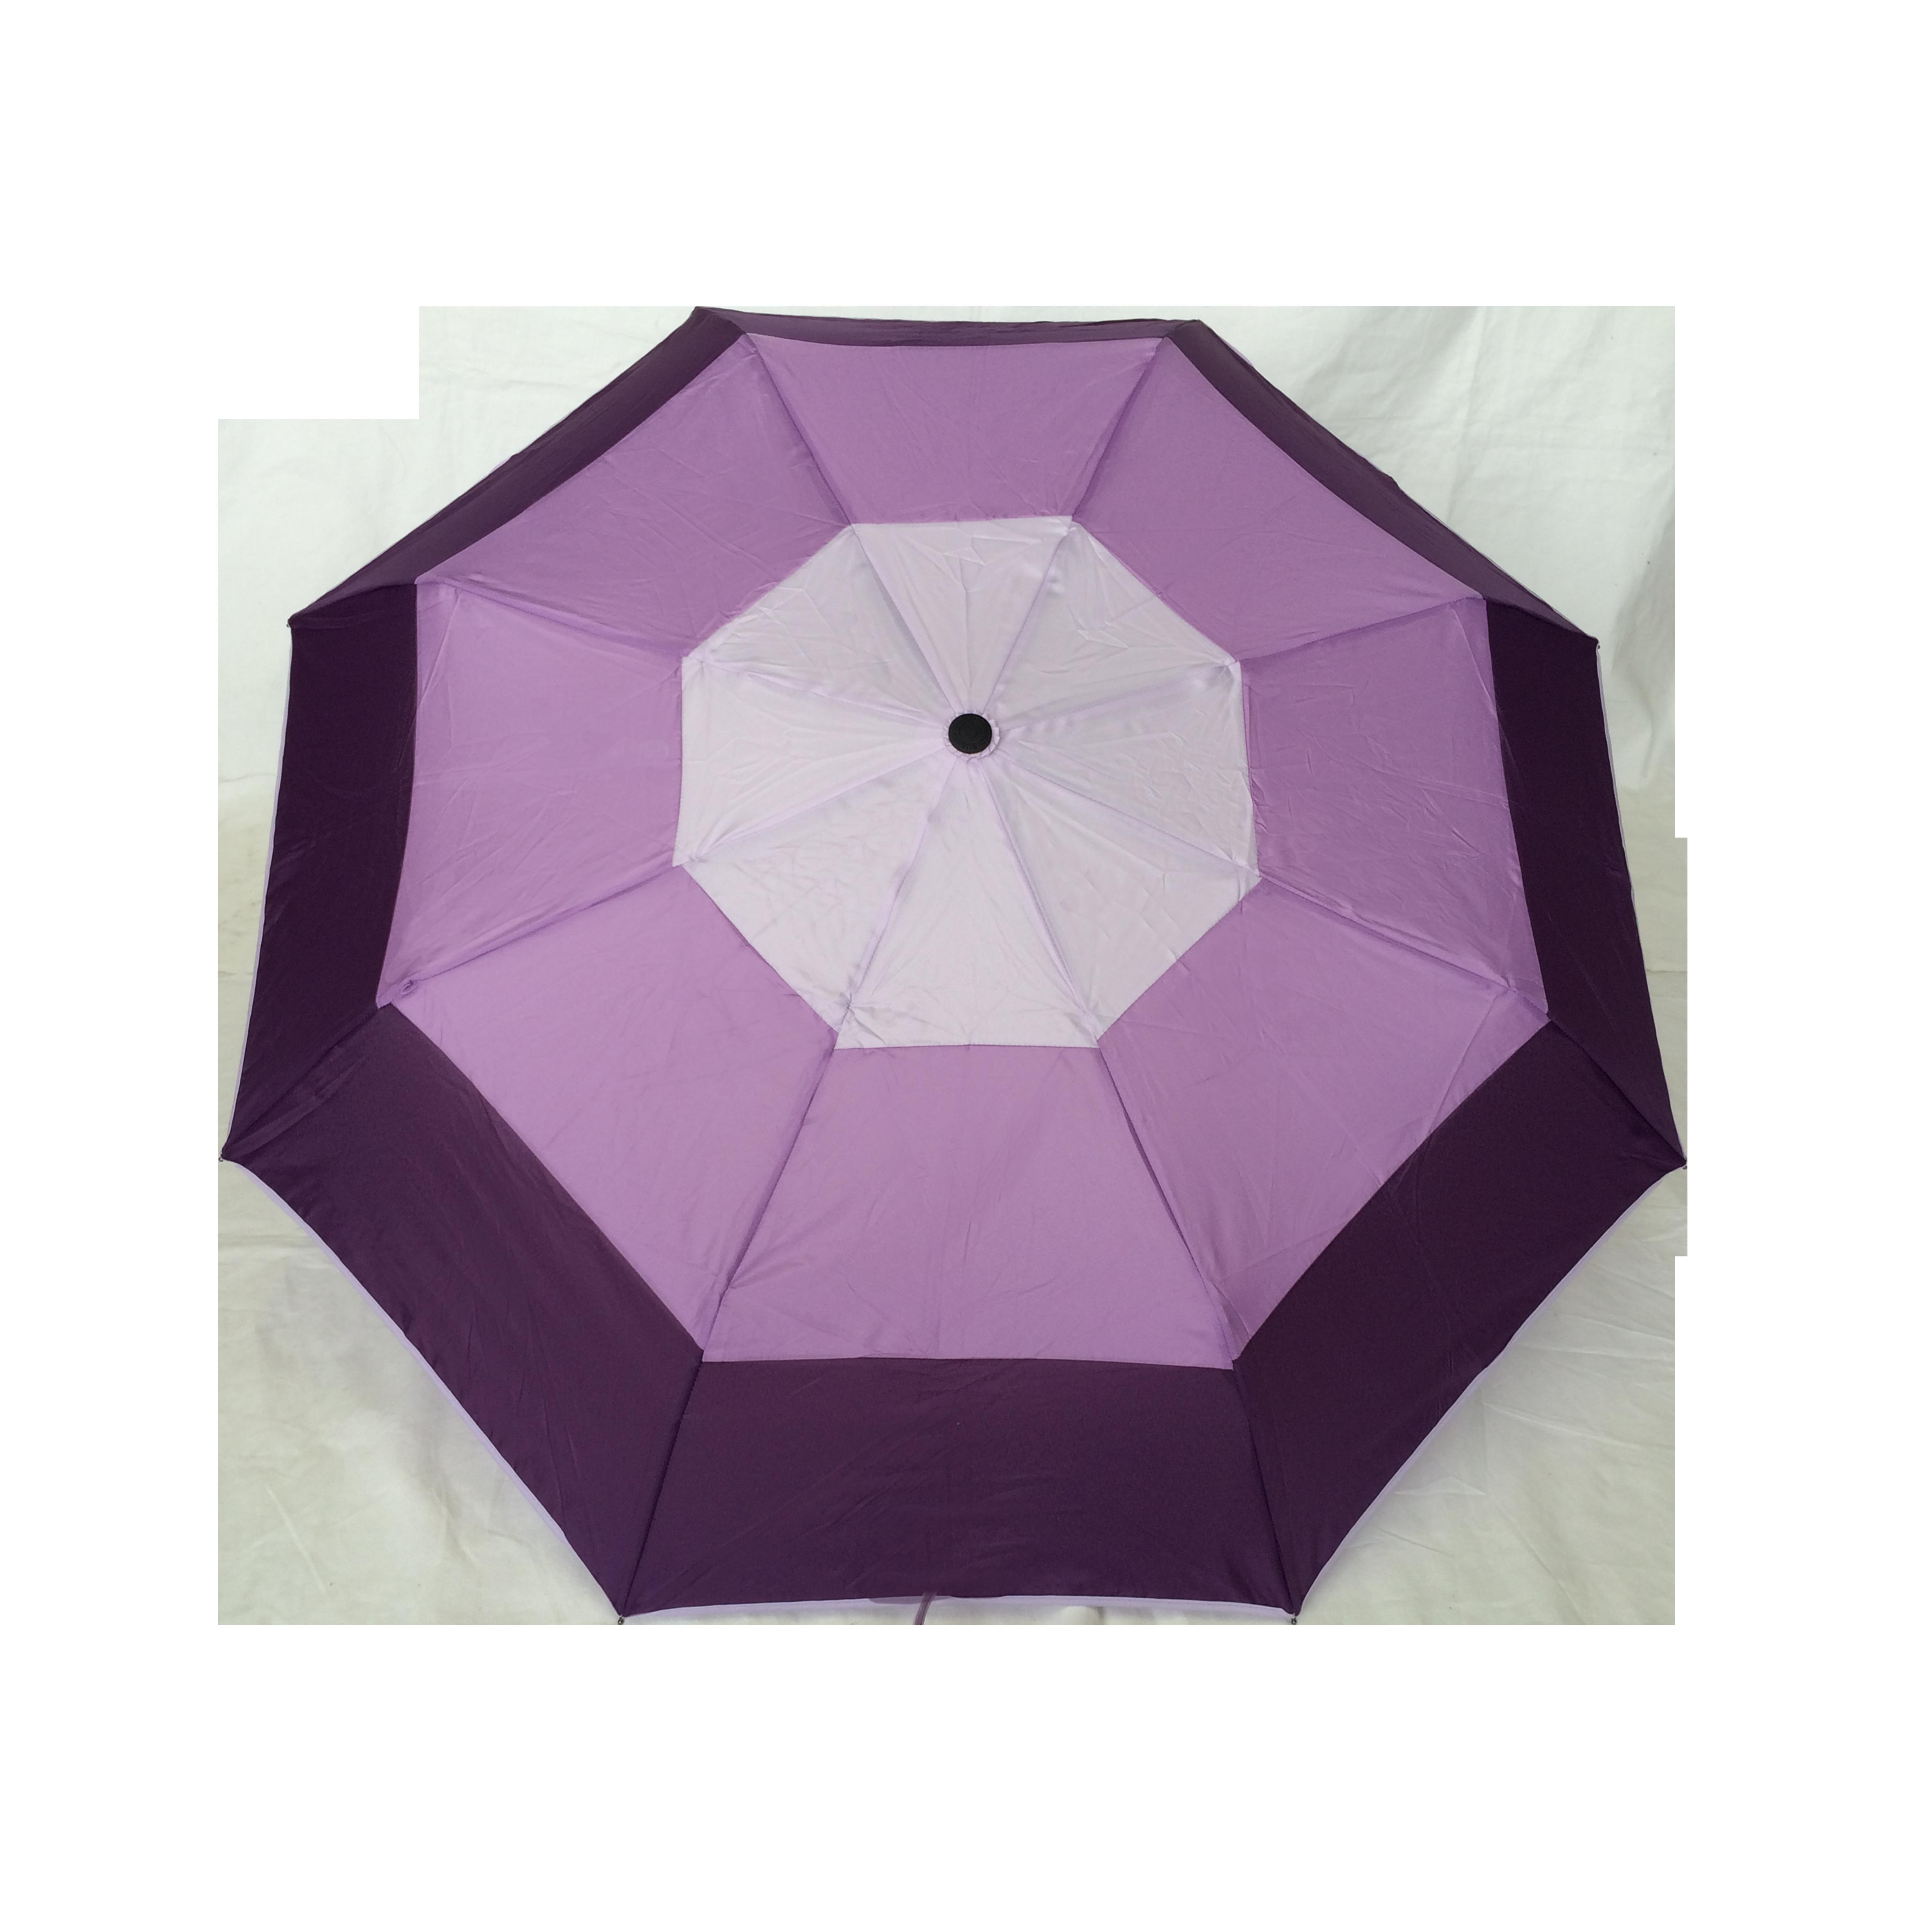 Parapluie pliant femme automatique d me tri couleur vert - Parapluie cloche transparent isotoner ...